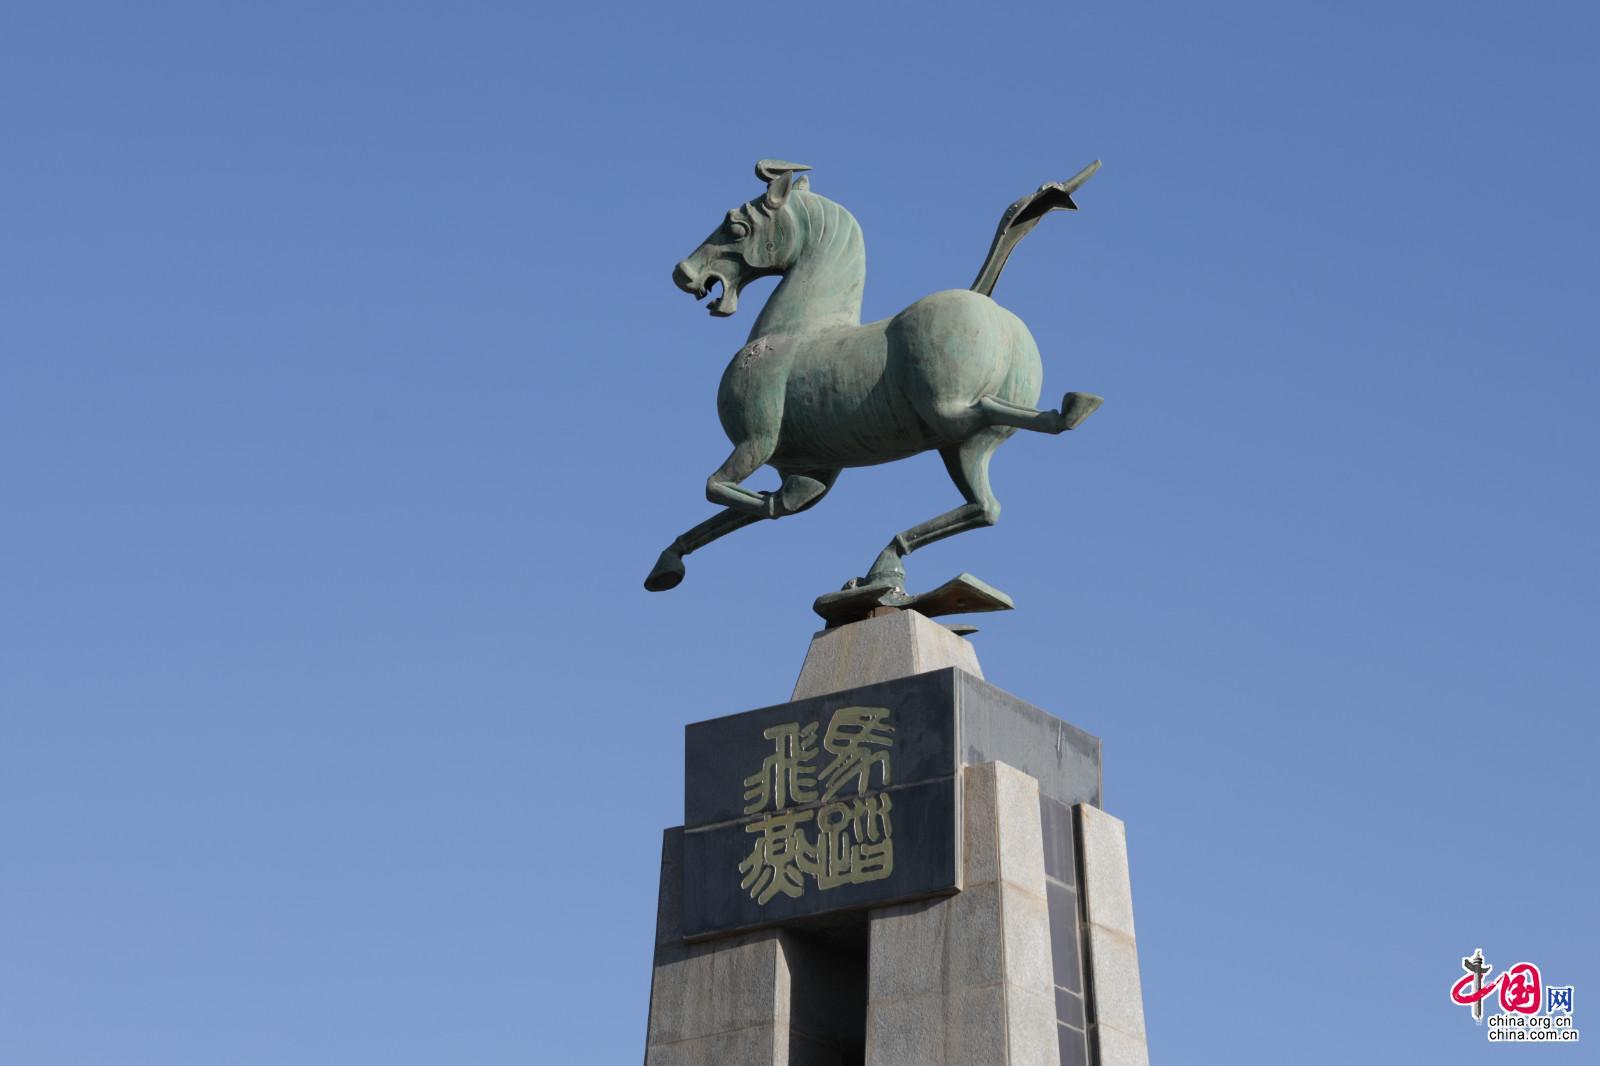 """武威雷台景区中国旅游标志""""马踏飞燕""""雕塑。中国网记者胡俊 摄"""